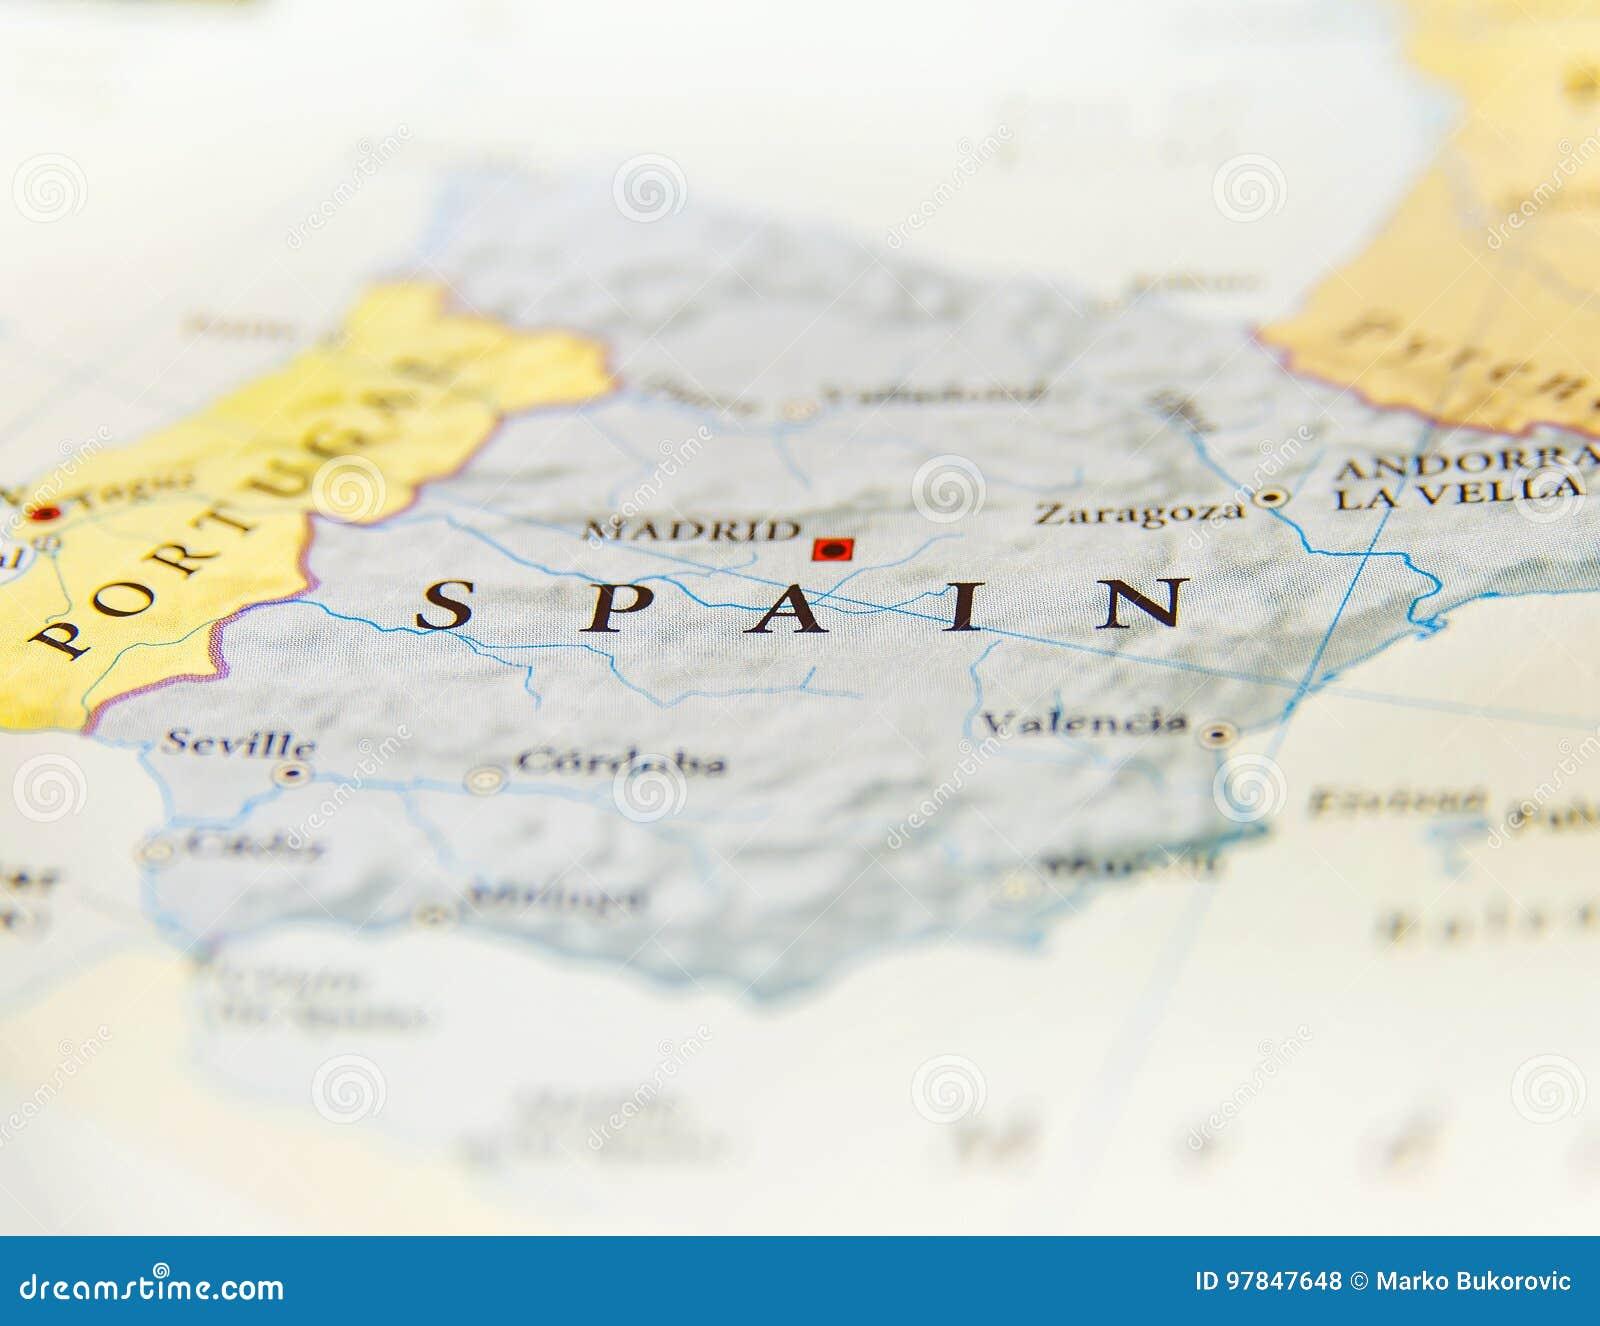 Saragozza Spagna Cartina Geografica.Mappa Geografica Della Spagna Con Le Citta Importanti Fotografia Stock Immagine Di Spruzzo Citta 97847648